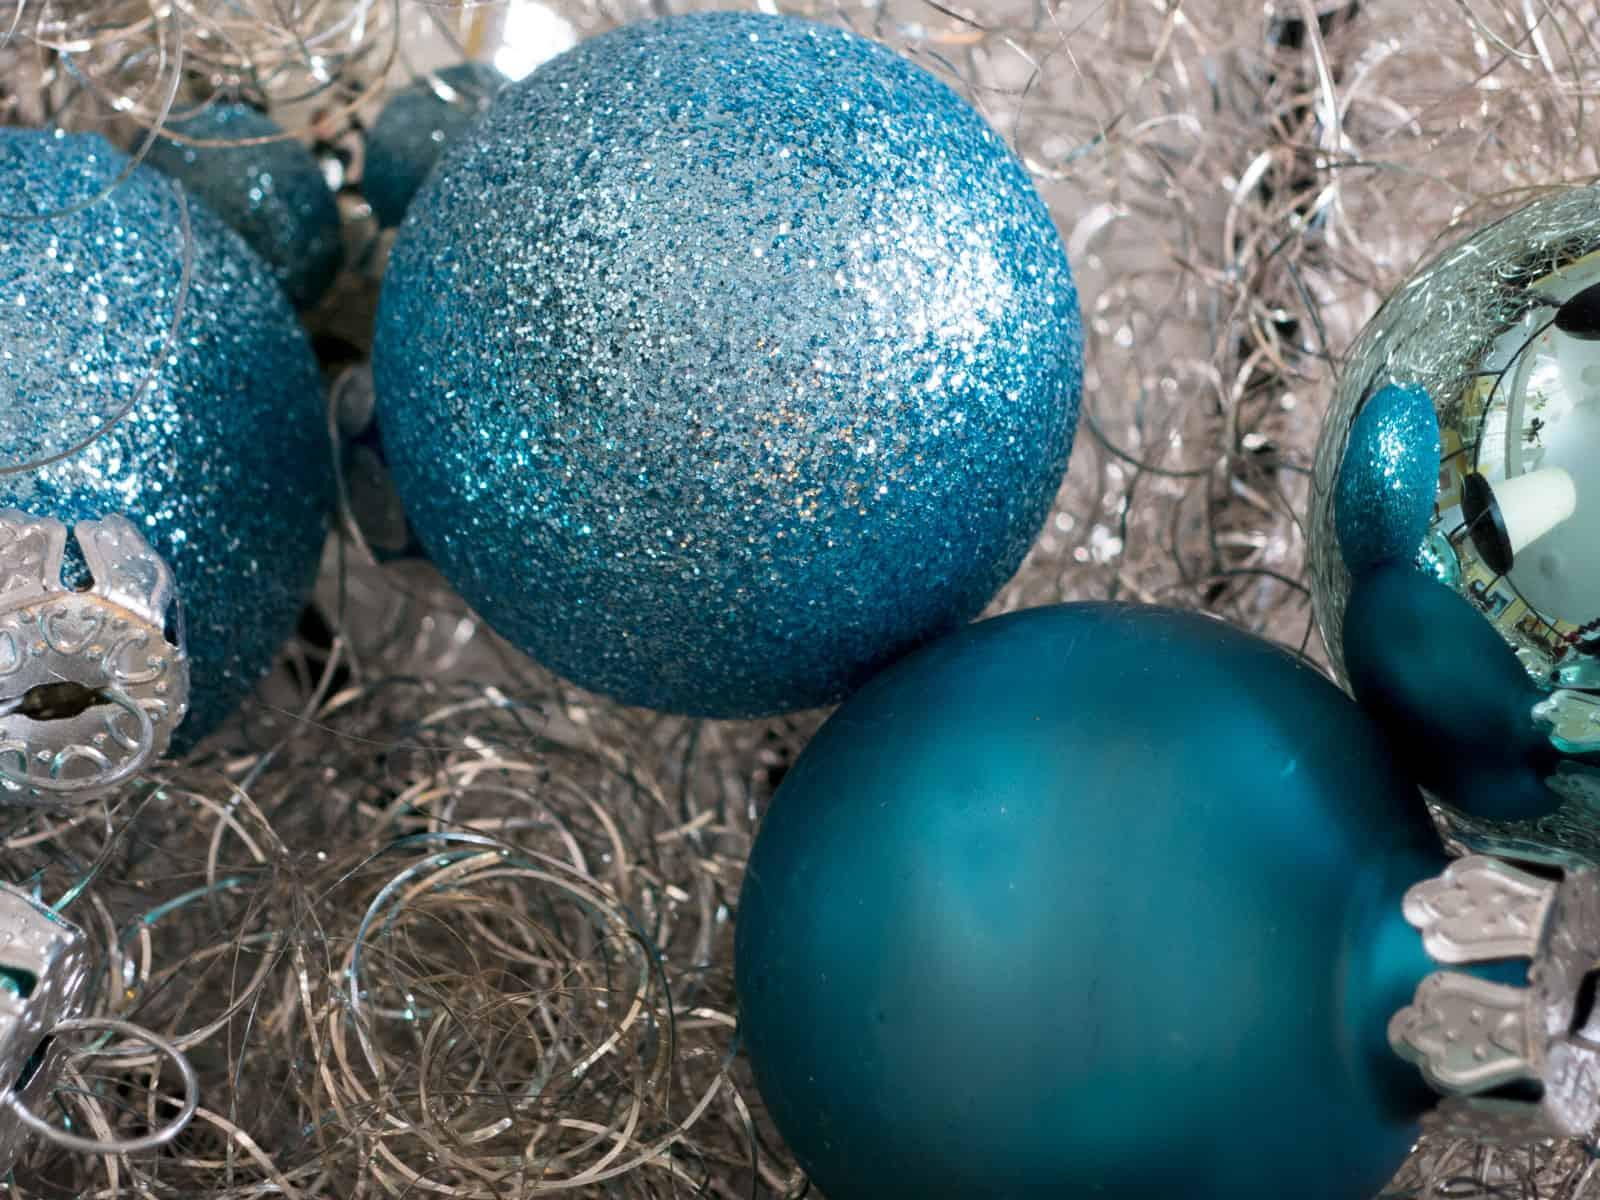 Weihnachtsfarben 2019 Trends Für Weihnachtsdeko Weihnachtskugeln